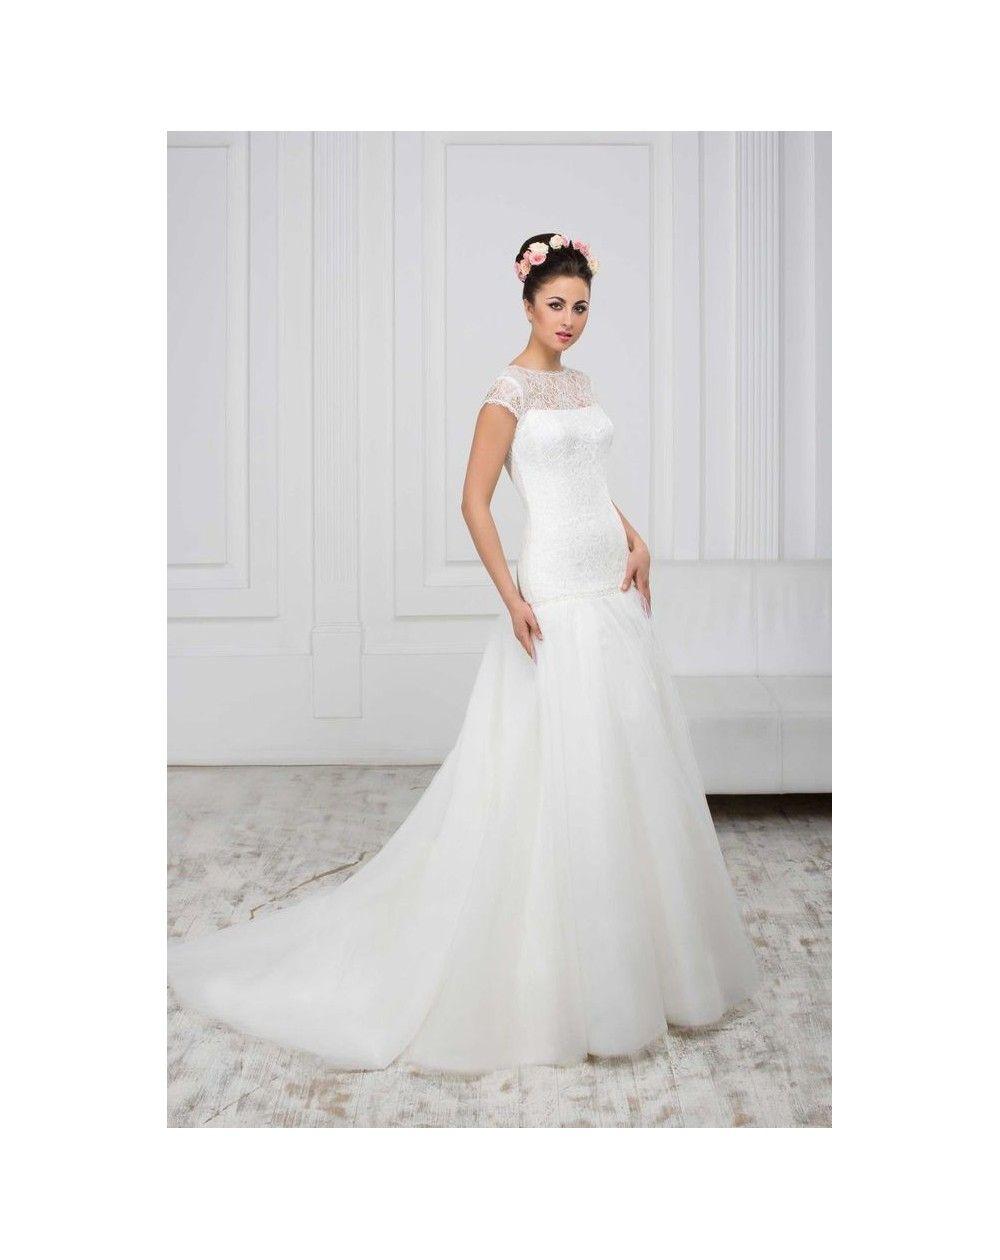 c5d1d63647f9 Luxusné svadobné šaty s čipkovaným korzetom s krátkymi rukávmi a širokou  tylovou sukňou